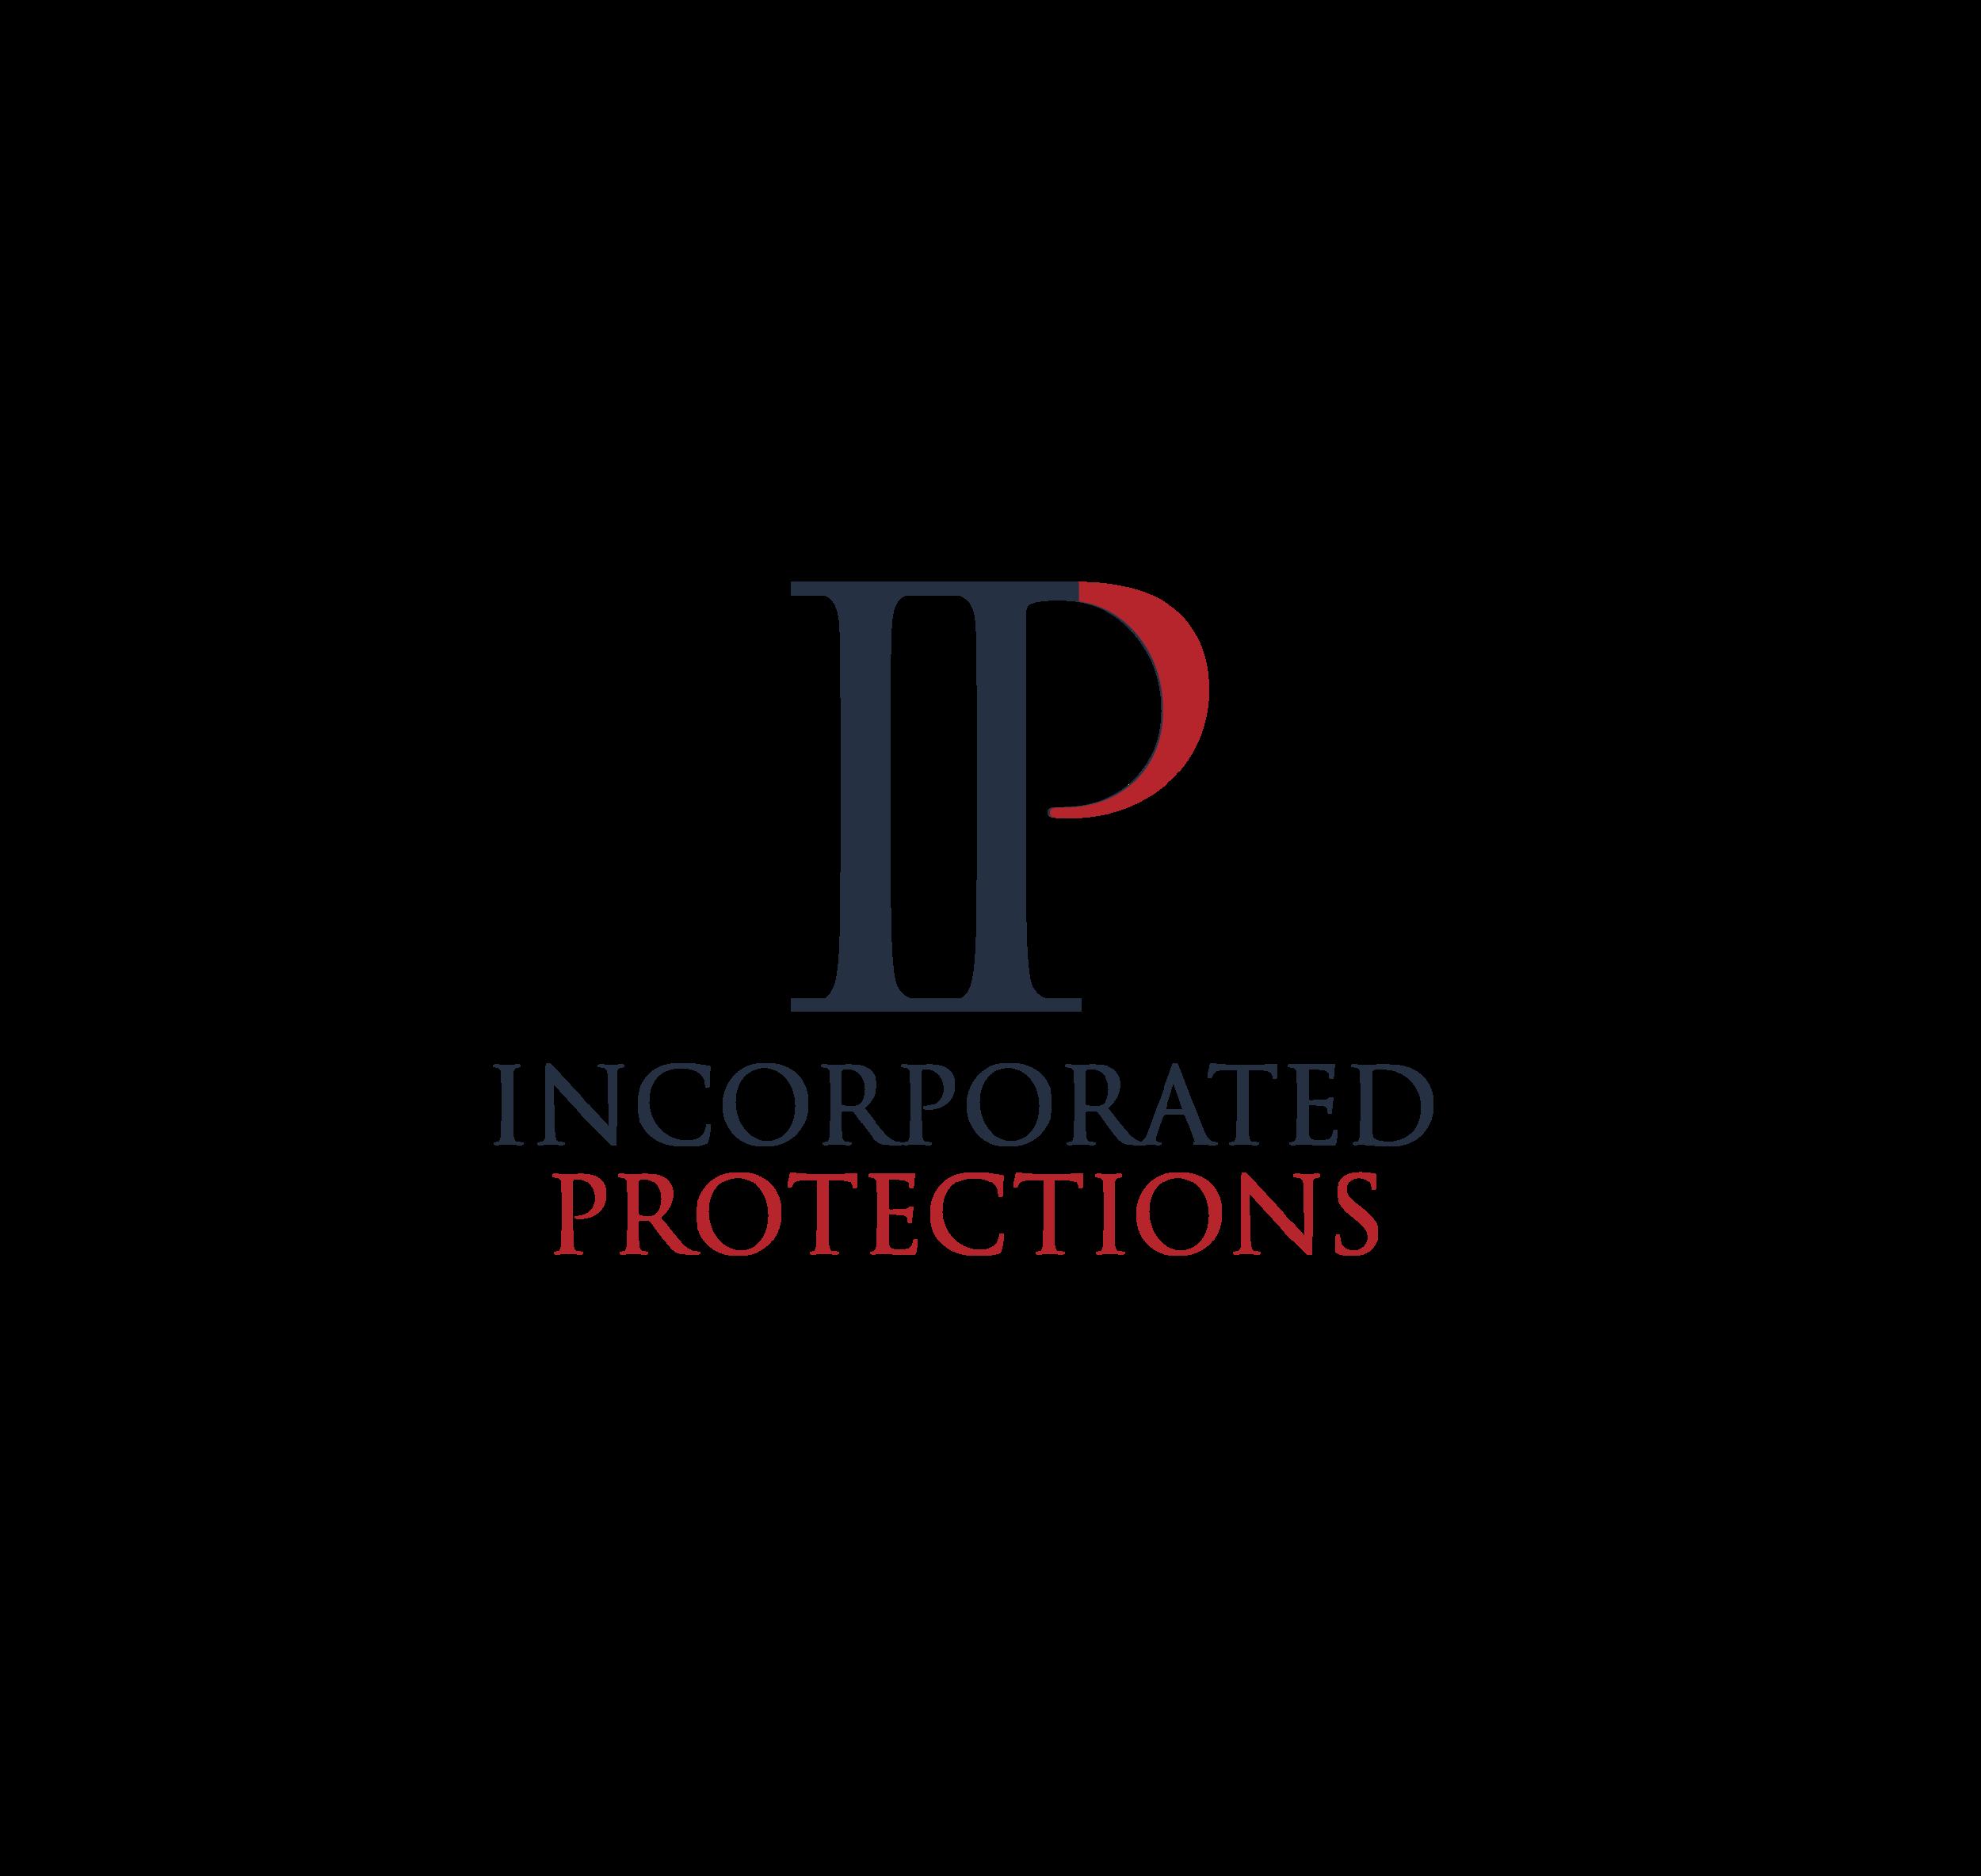 IP-logo-fullcolor.png